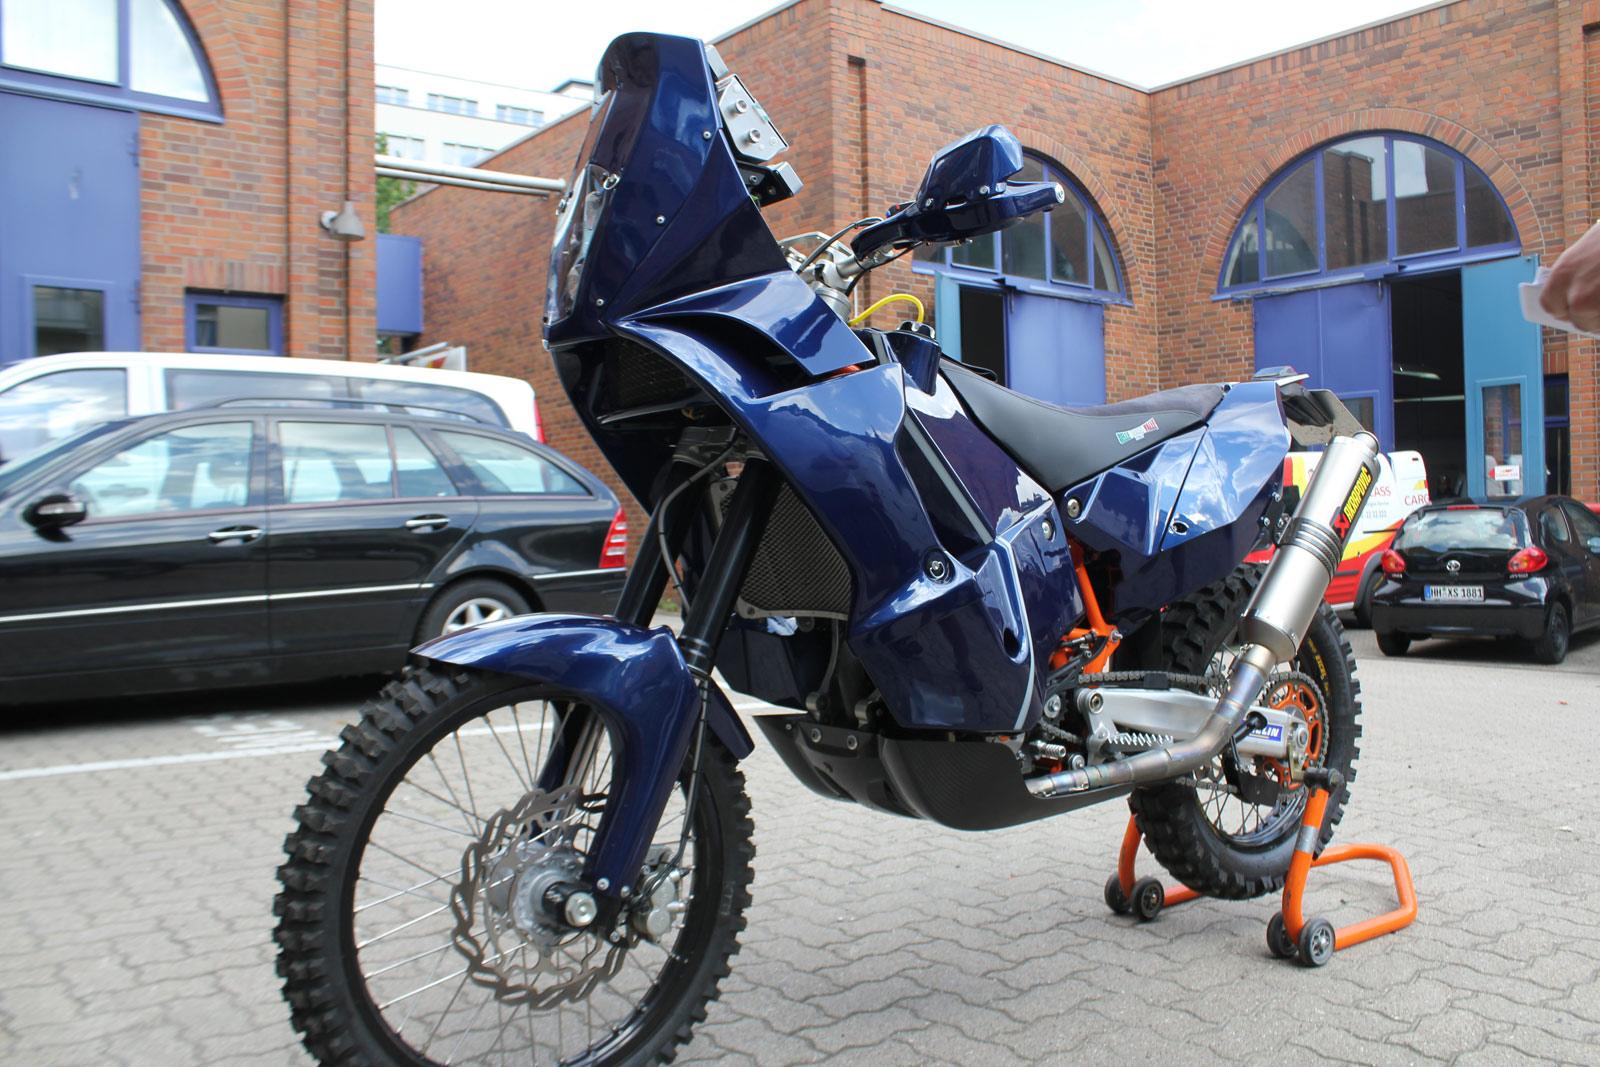 REDBULL_KTM_MOTORRAD_FOLIERUNG_05